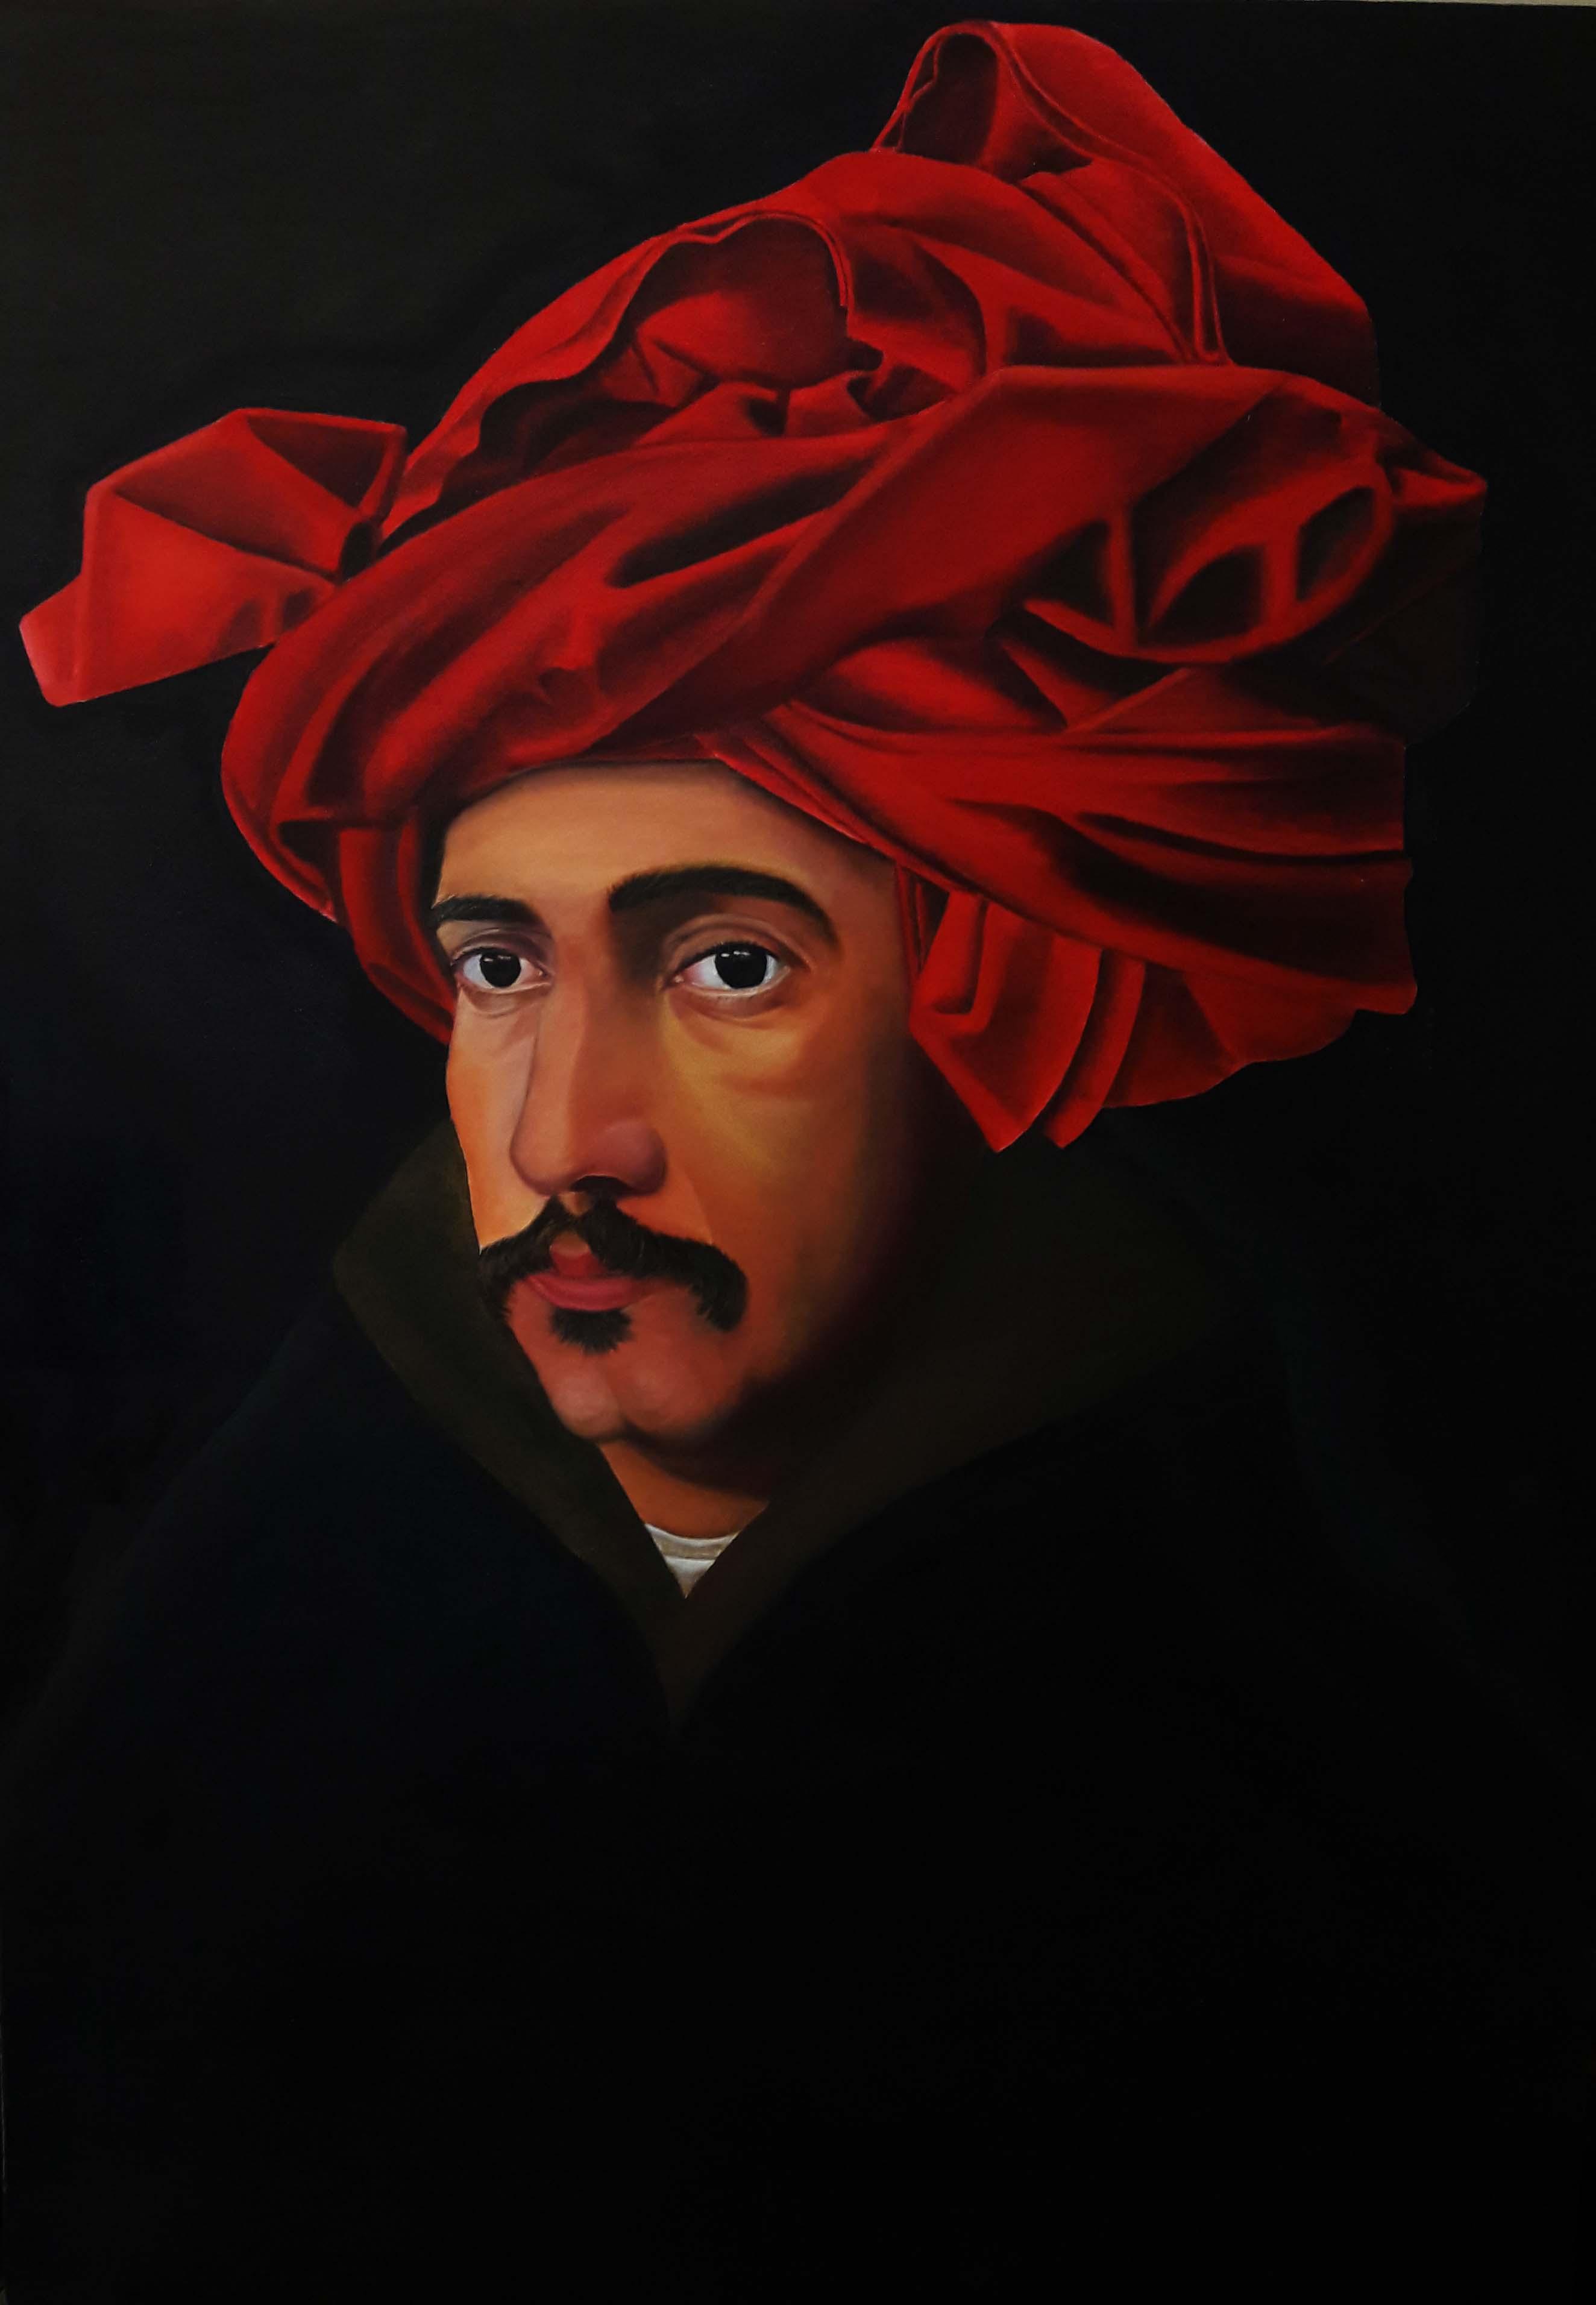 آموزش نقاشی رنگ روغن سلف پرتره آموزشگاه نقاشی یوسف زاده